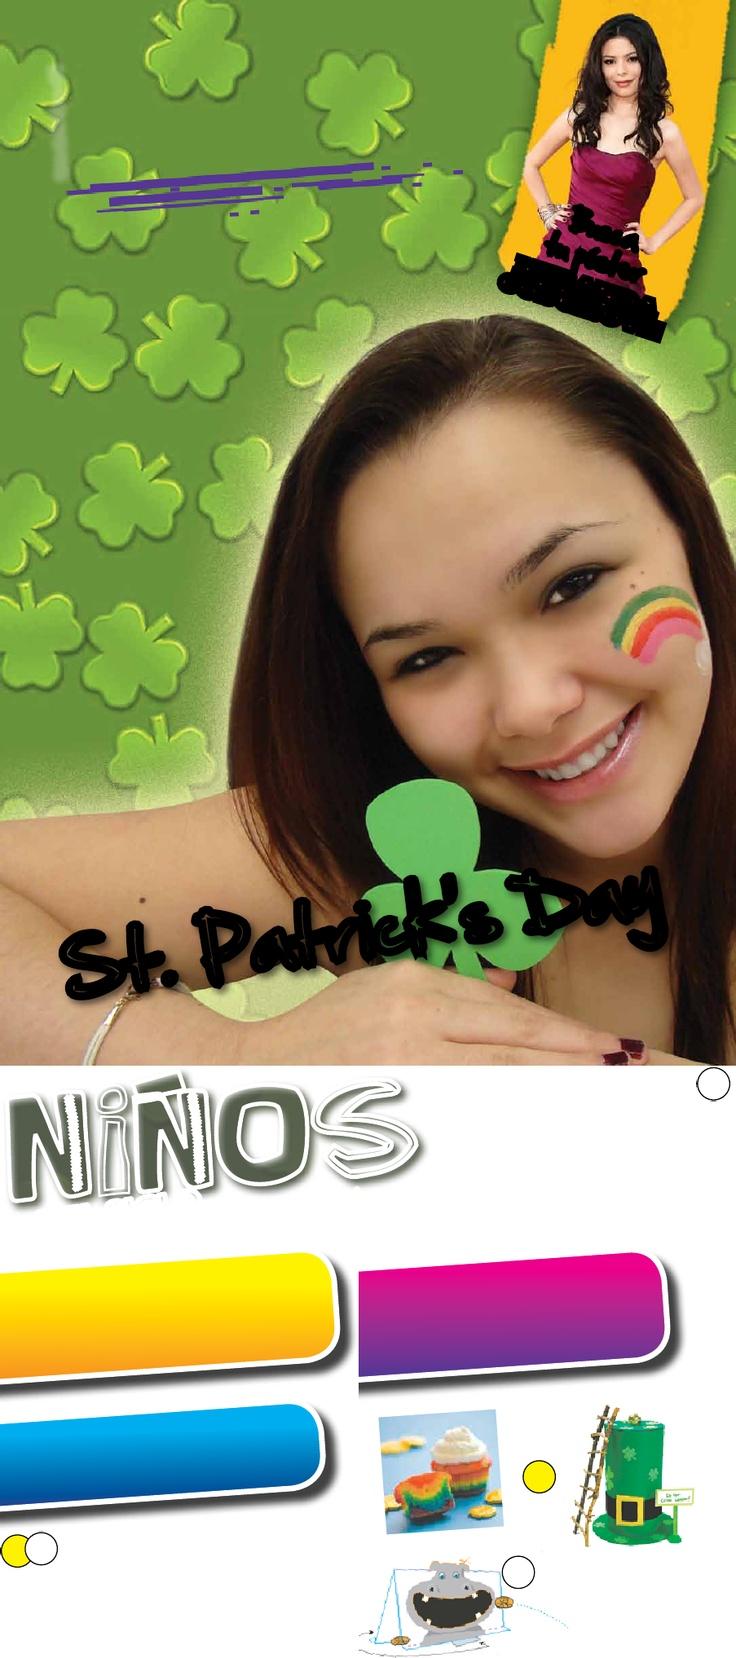 Ninos March 32